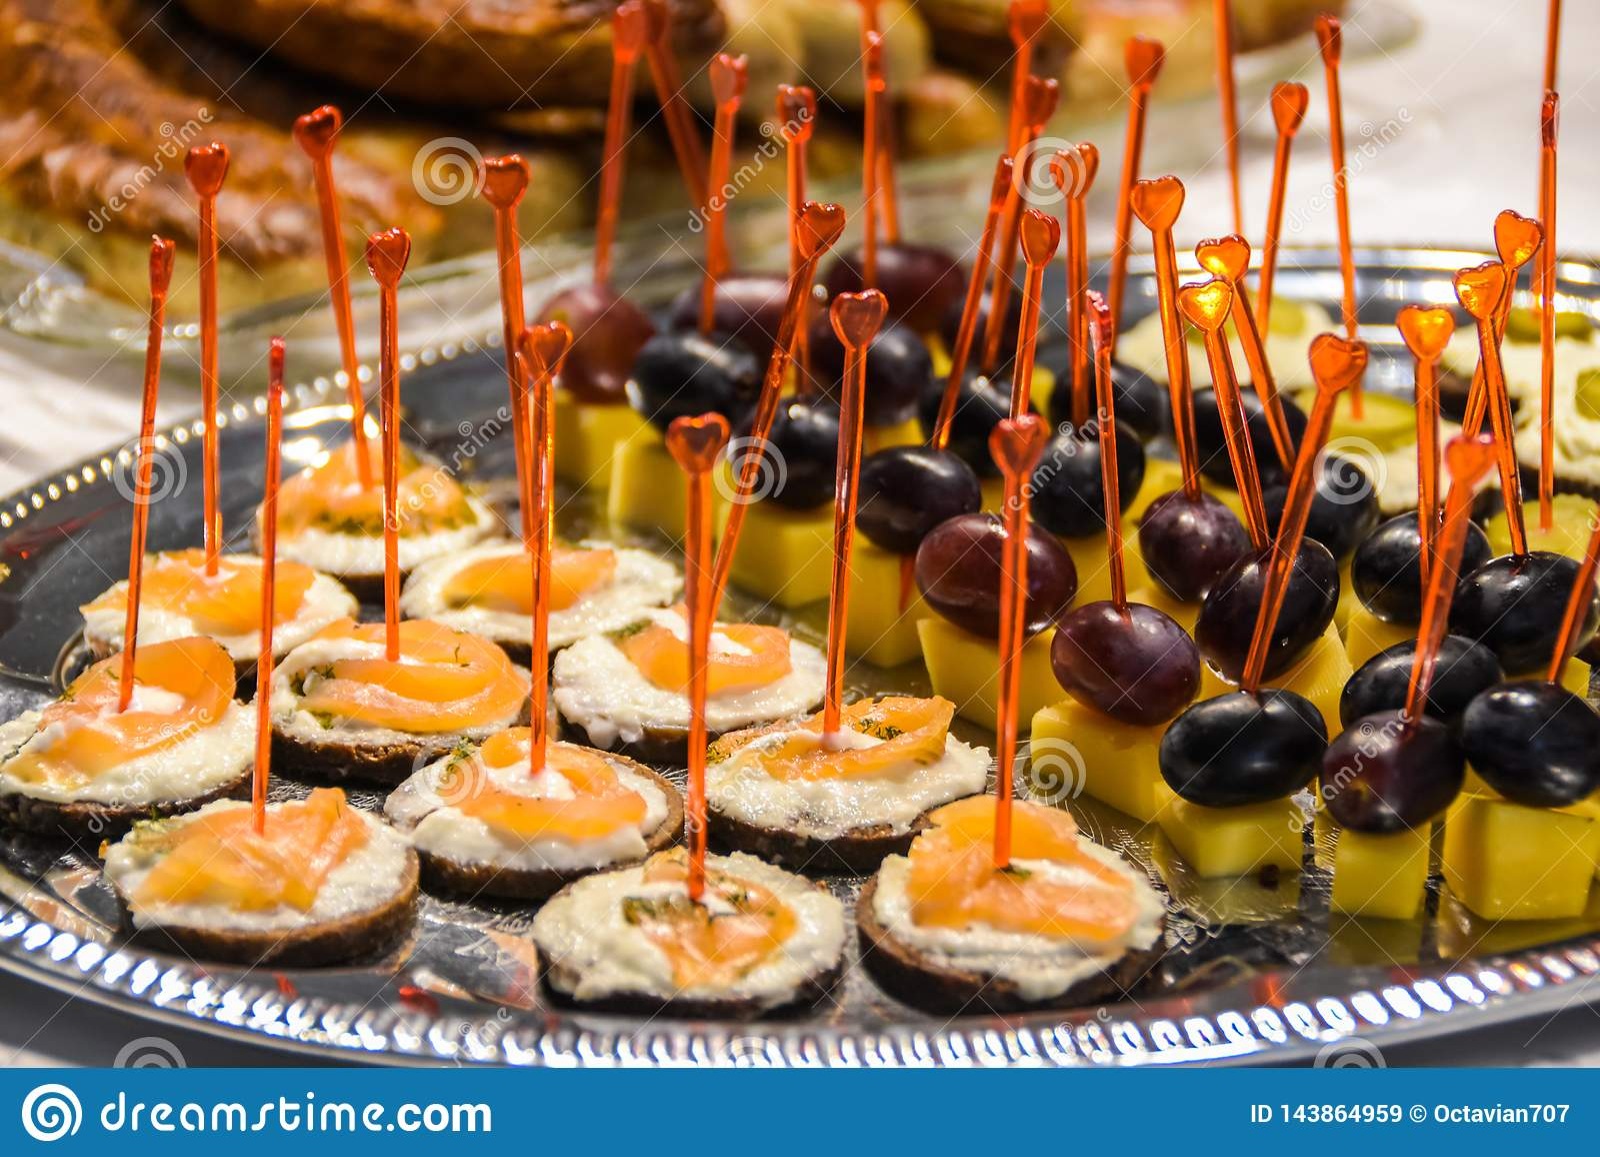 Smakelijke voorgerechten met kaas en vissen en druiven en kaas op zilveren schotel